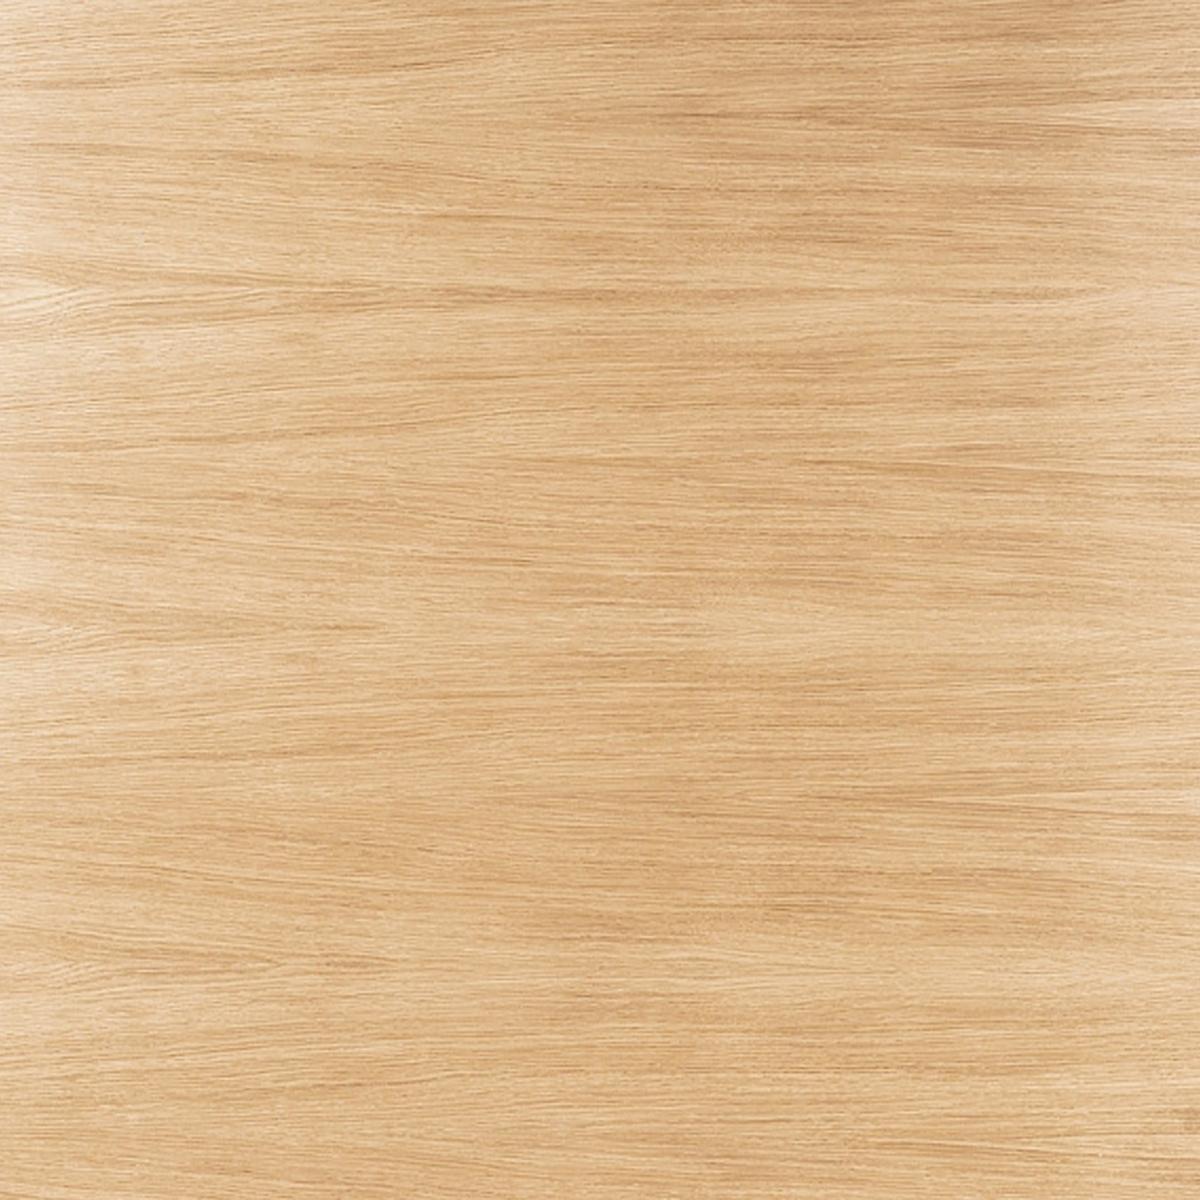 Esstisch Furnier 504065-1